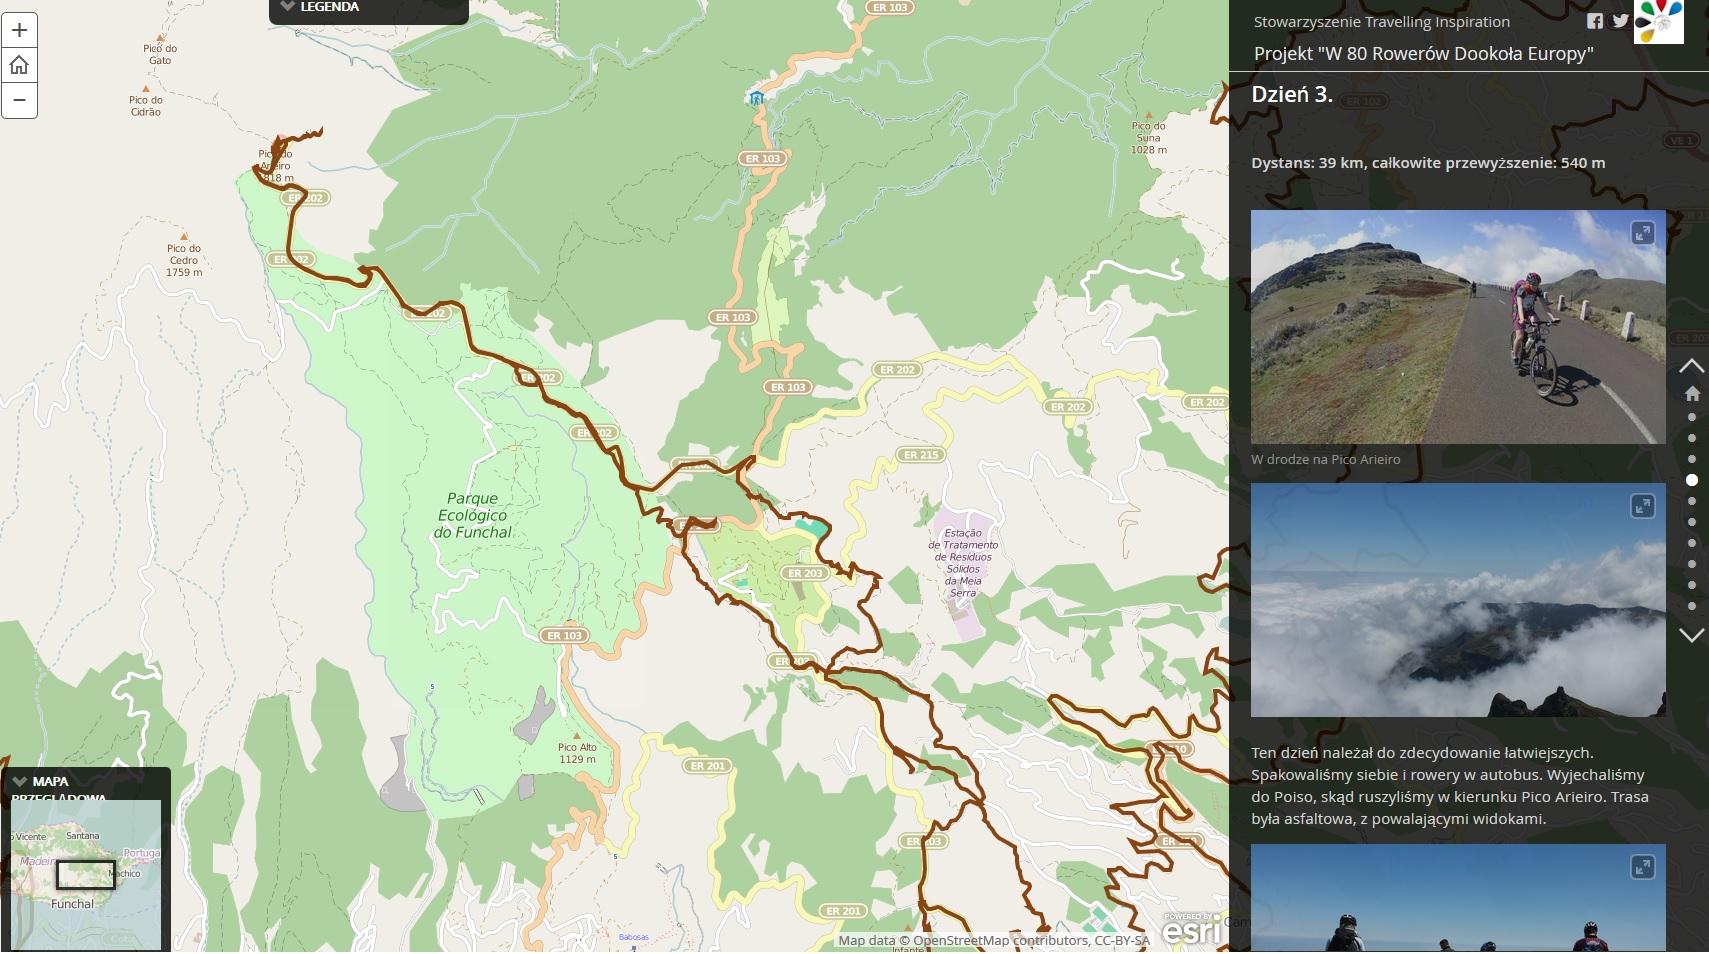 Rys. 2. Zrzut z aplikacji Map Journal Esri. Ślad GPS z wycieczki na Pico de Arieiro (Madera, Portugalia)